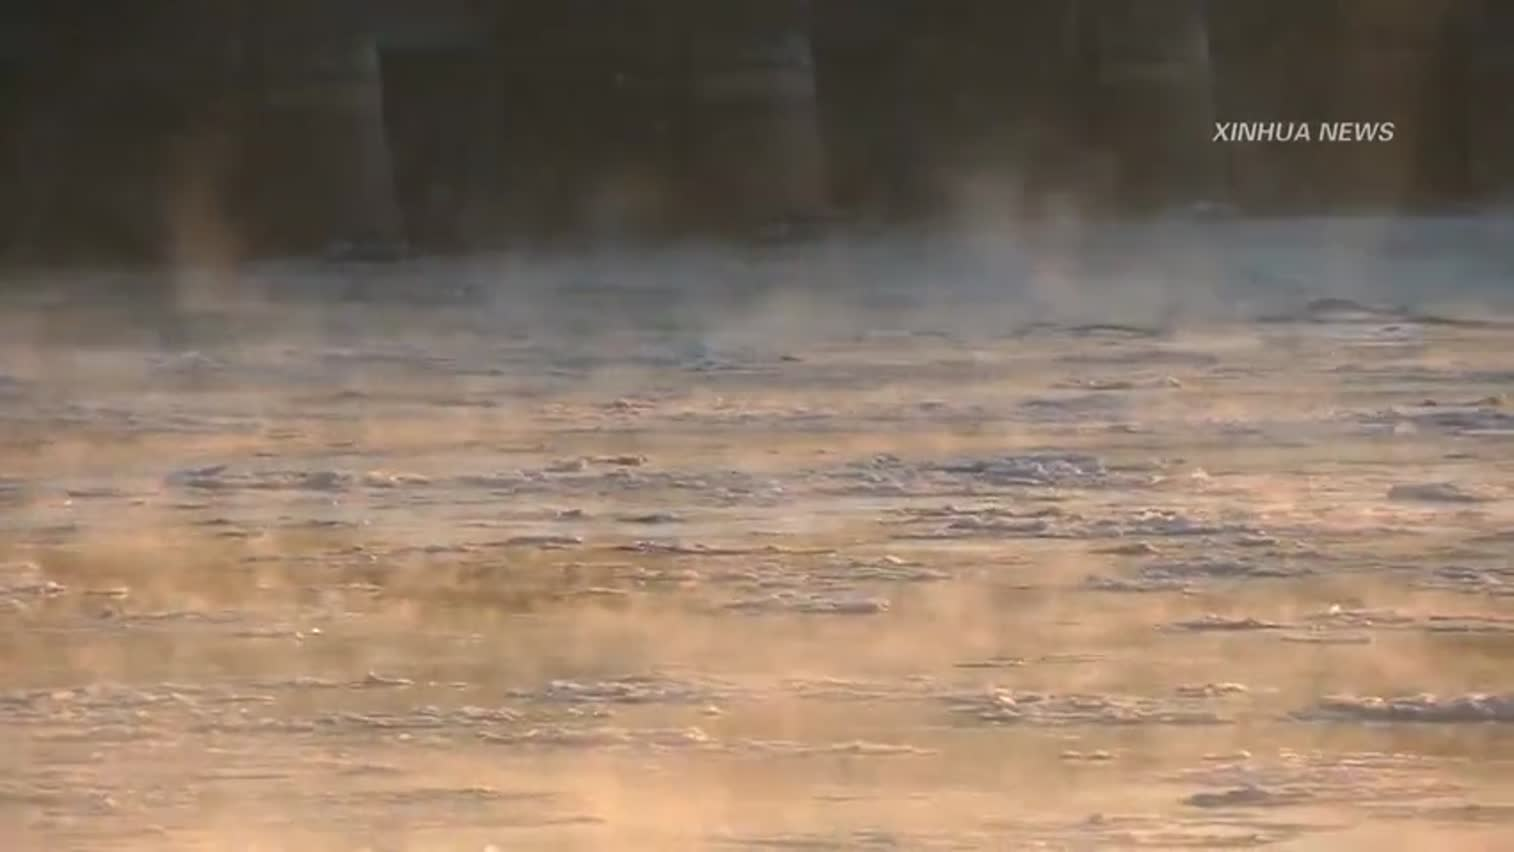 视频-内蒙古出现水煮黄河景观